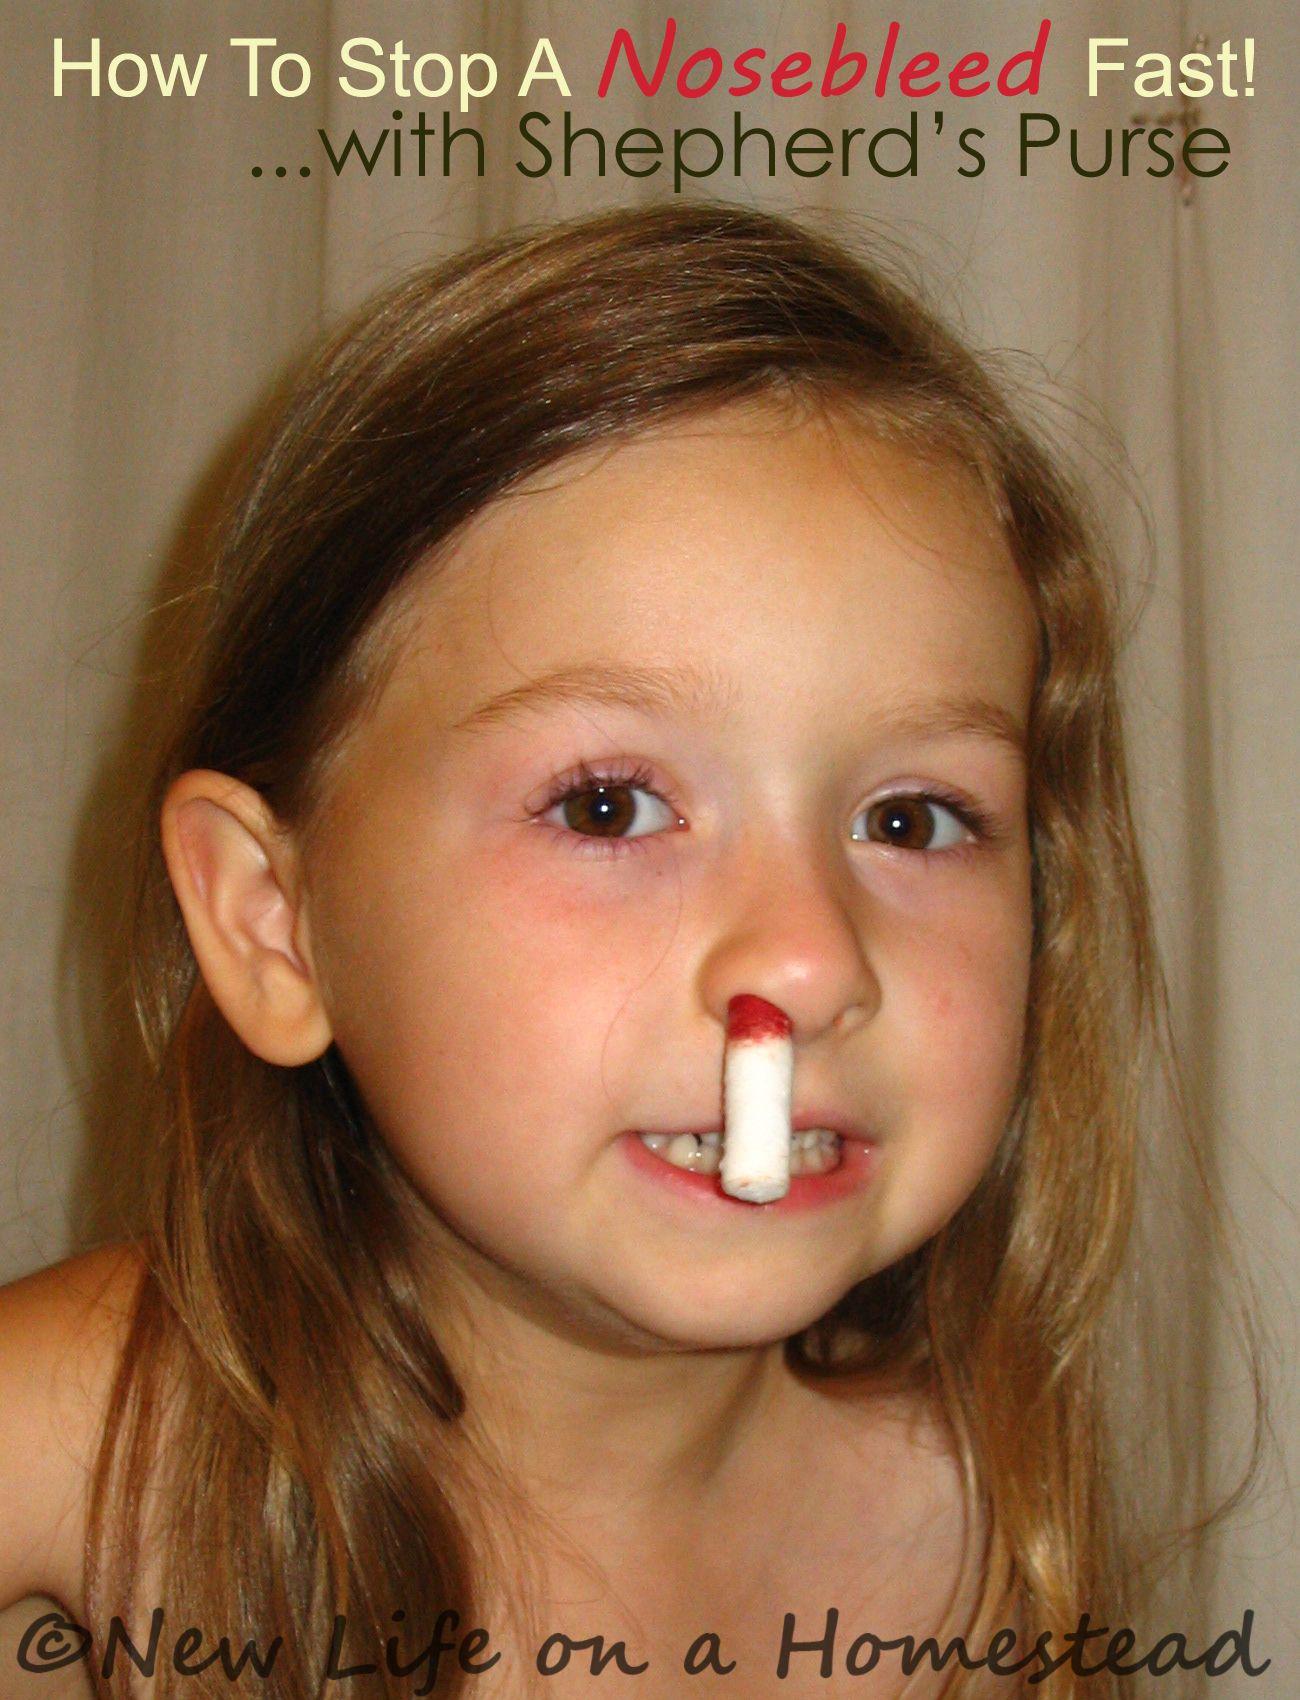 Effective ways to quickly stop nosebleeds